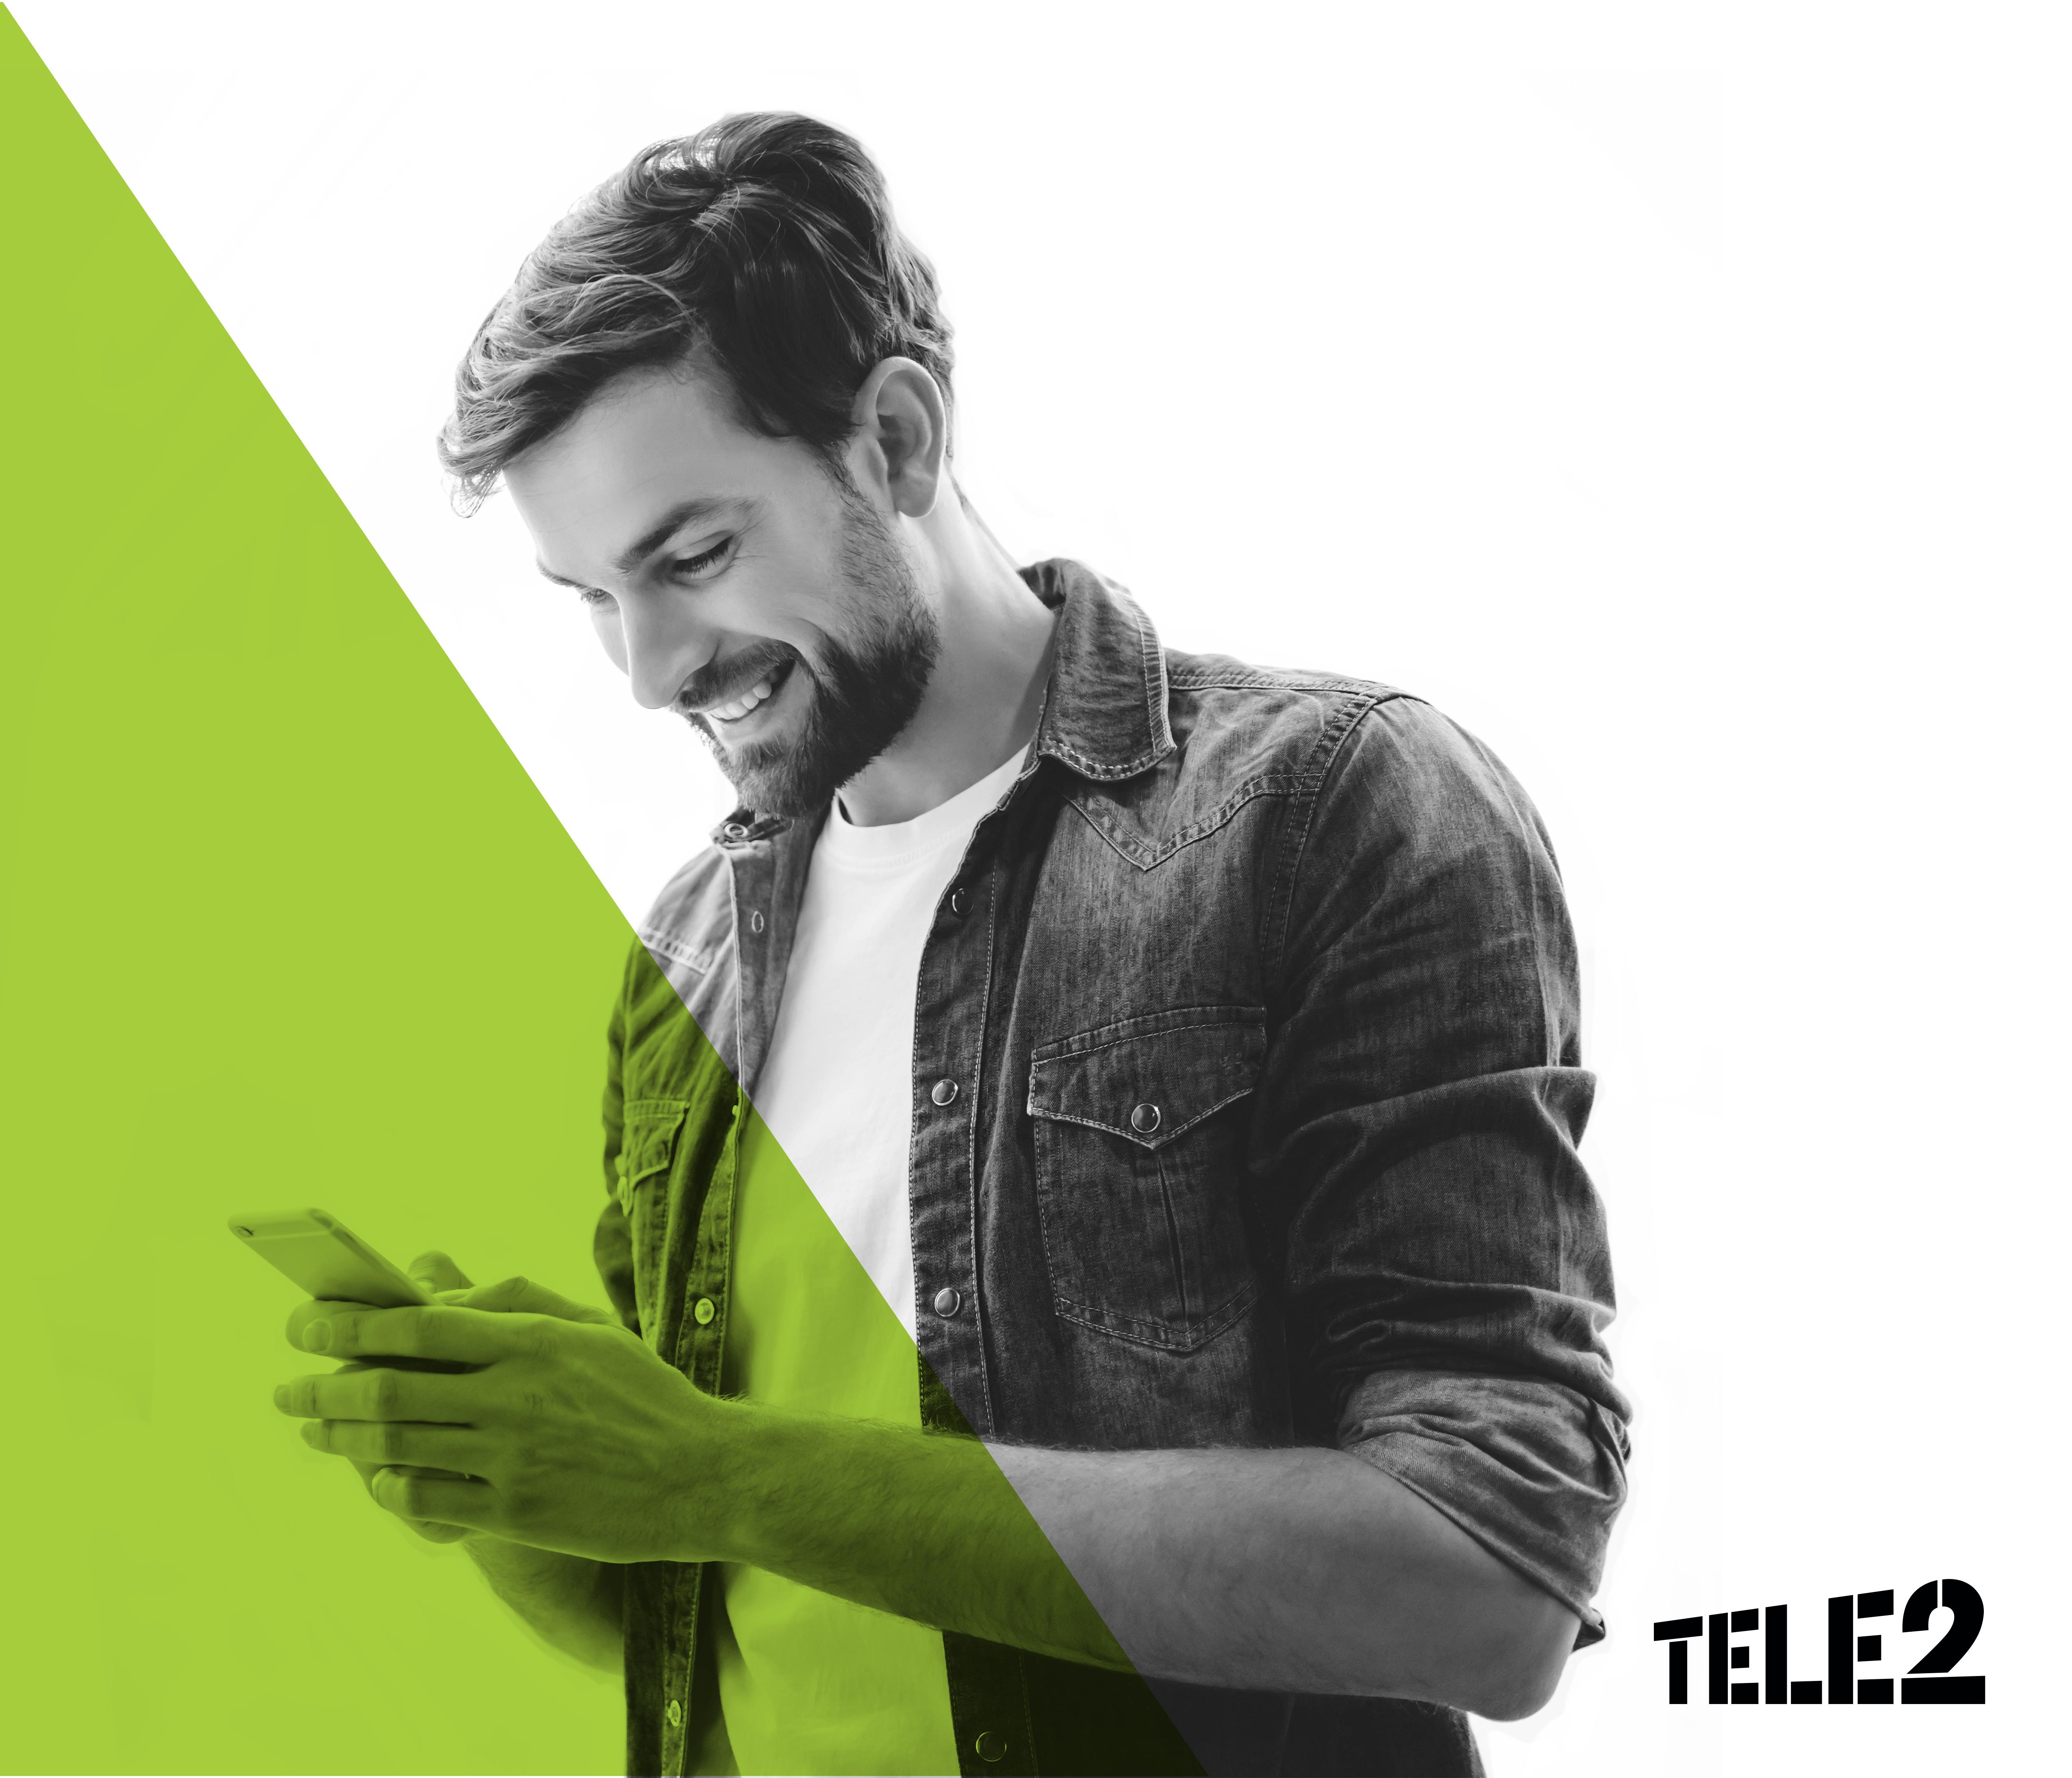 Мурманские абоненты Tele2 в праздники использовали 206 терабайт трафика 1